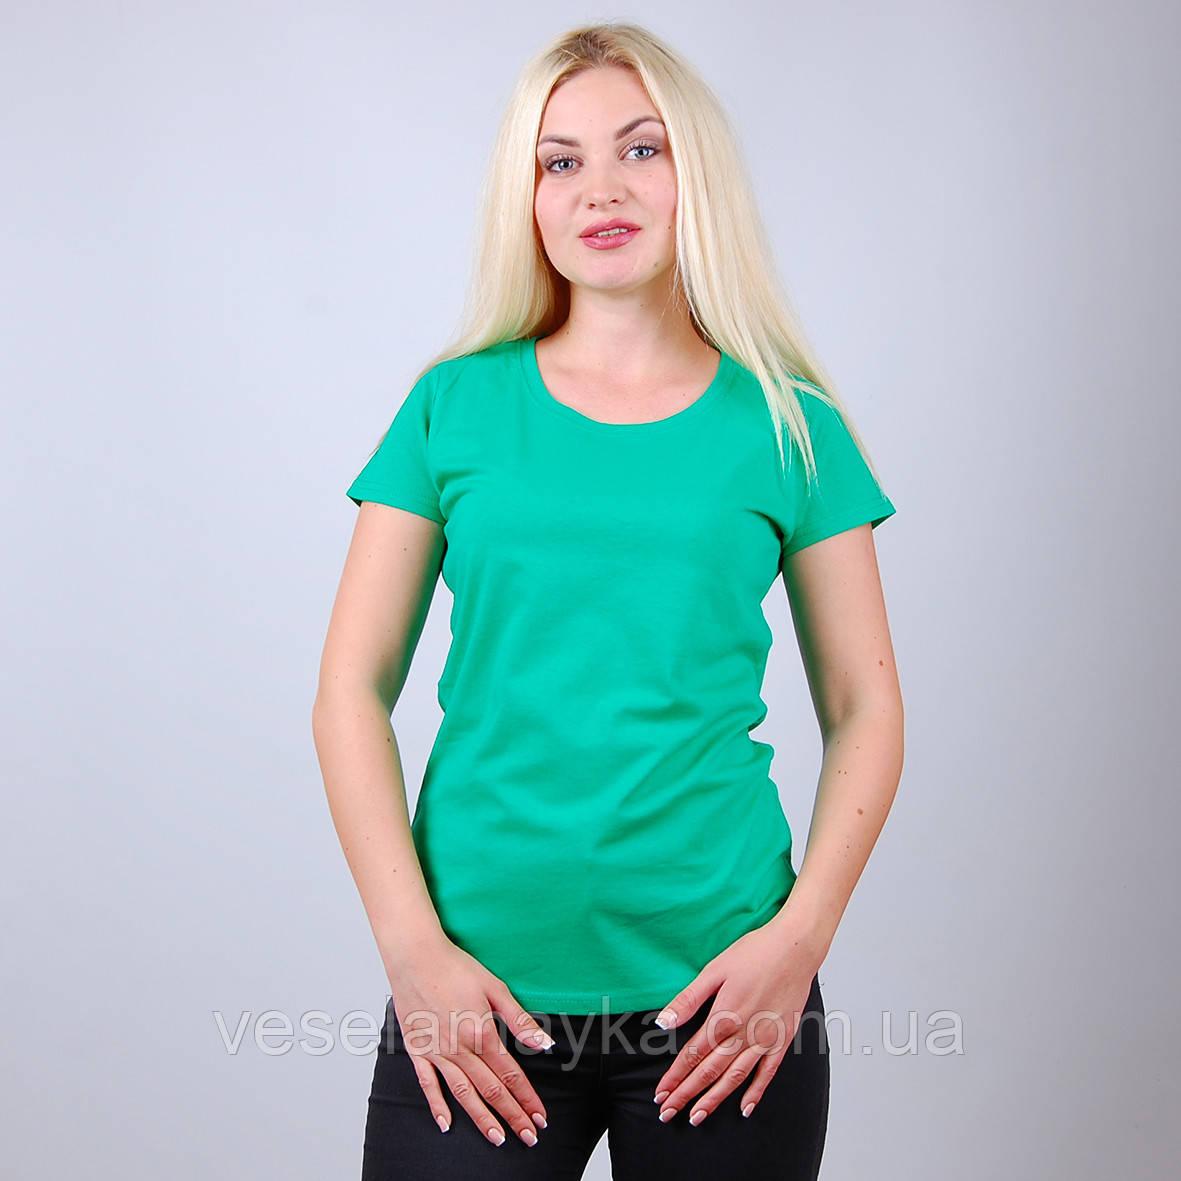 Зелена жіноча футболка (Комфорт)